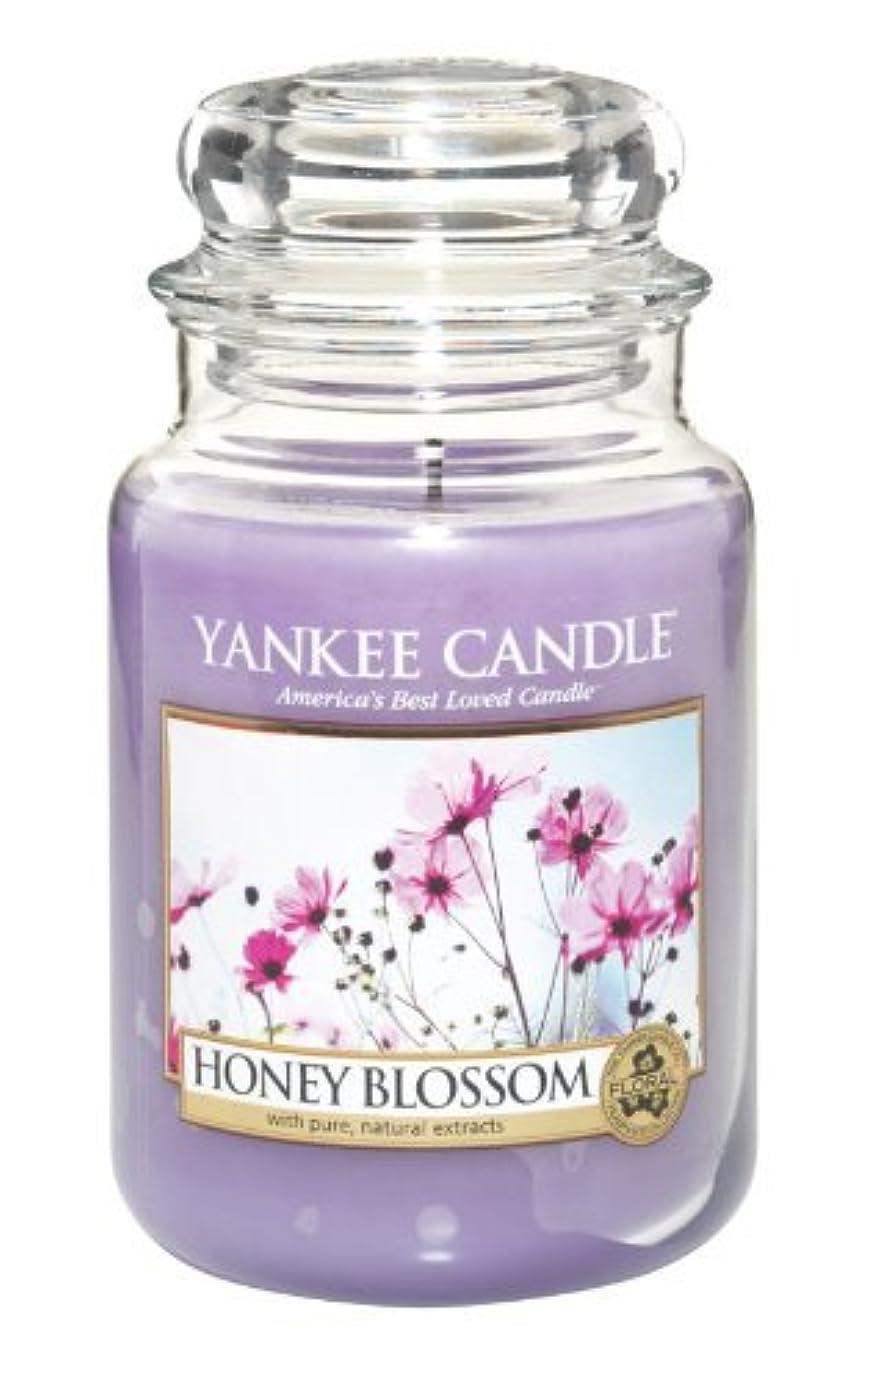 アパル安いですパワーセルYankee Candle Honey Blossom 22-Ounce Jar Candle, Large by Yankee Candle [並行輸入品]